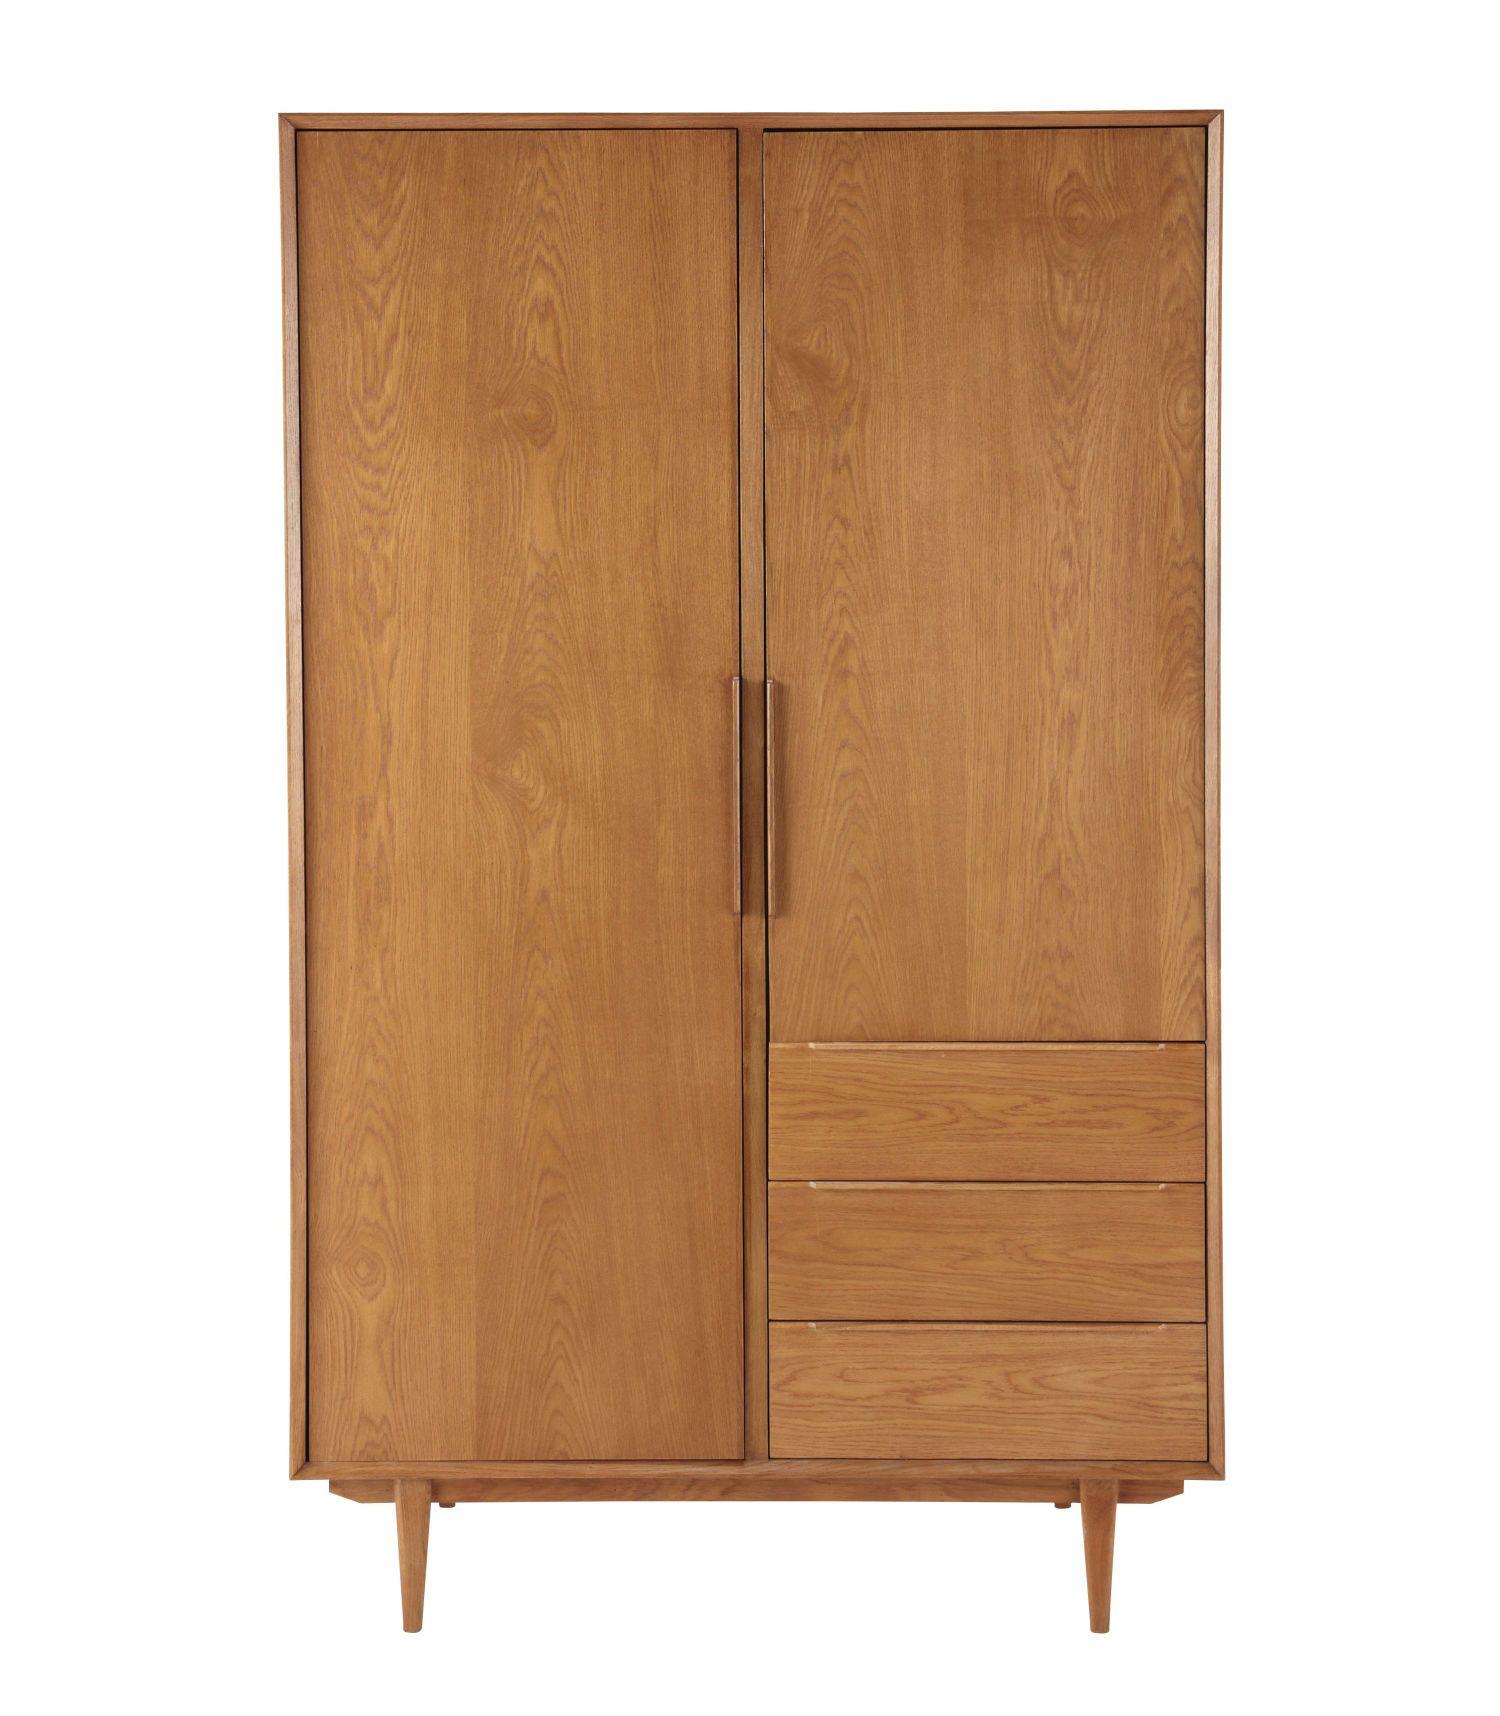 Vintage 2 Door 3 Drawer Closet In